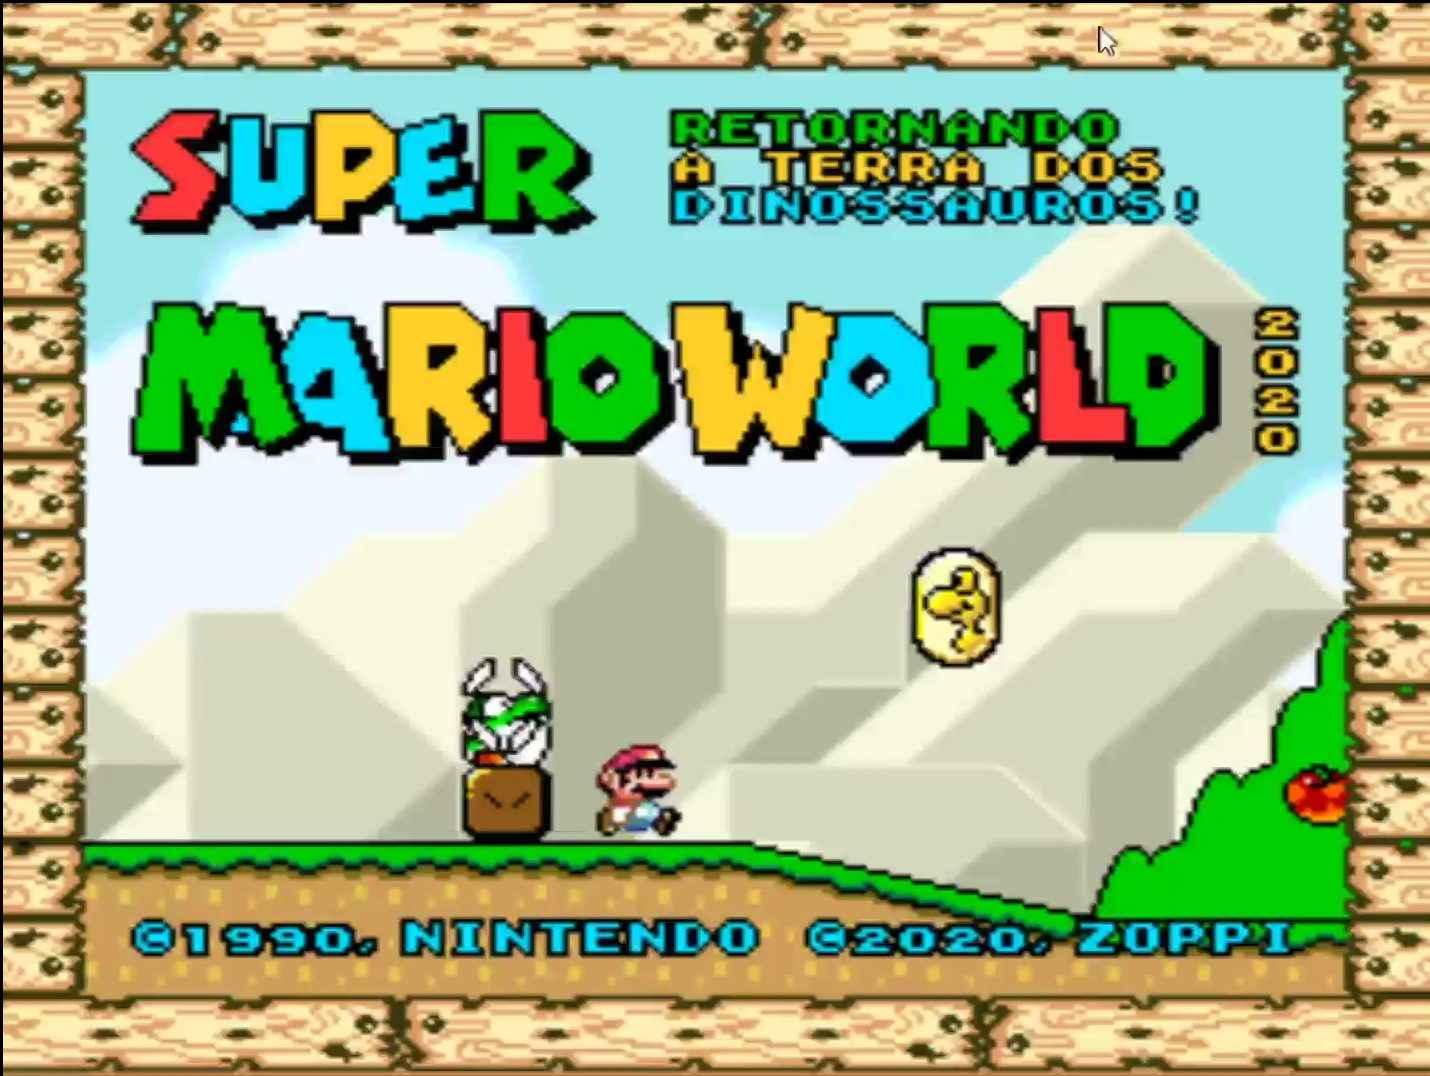 Super Mario World Retornando a Terra dos Dinossauros